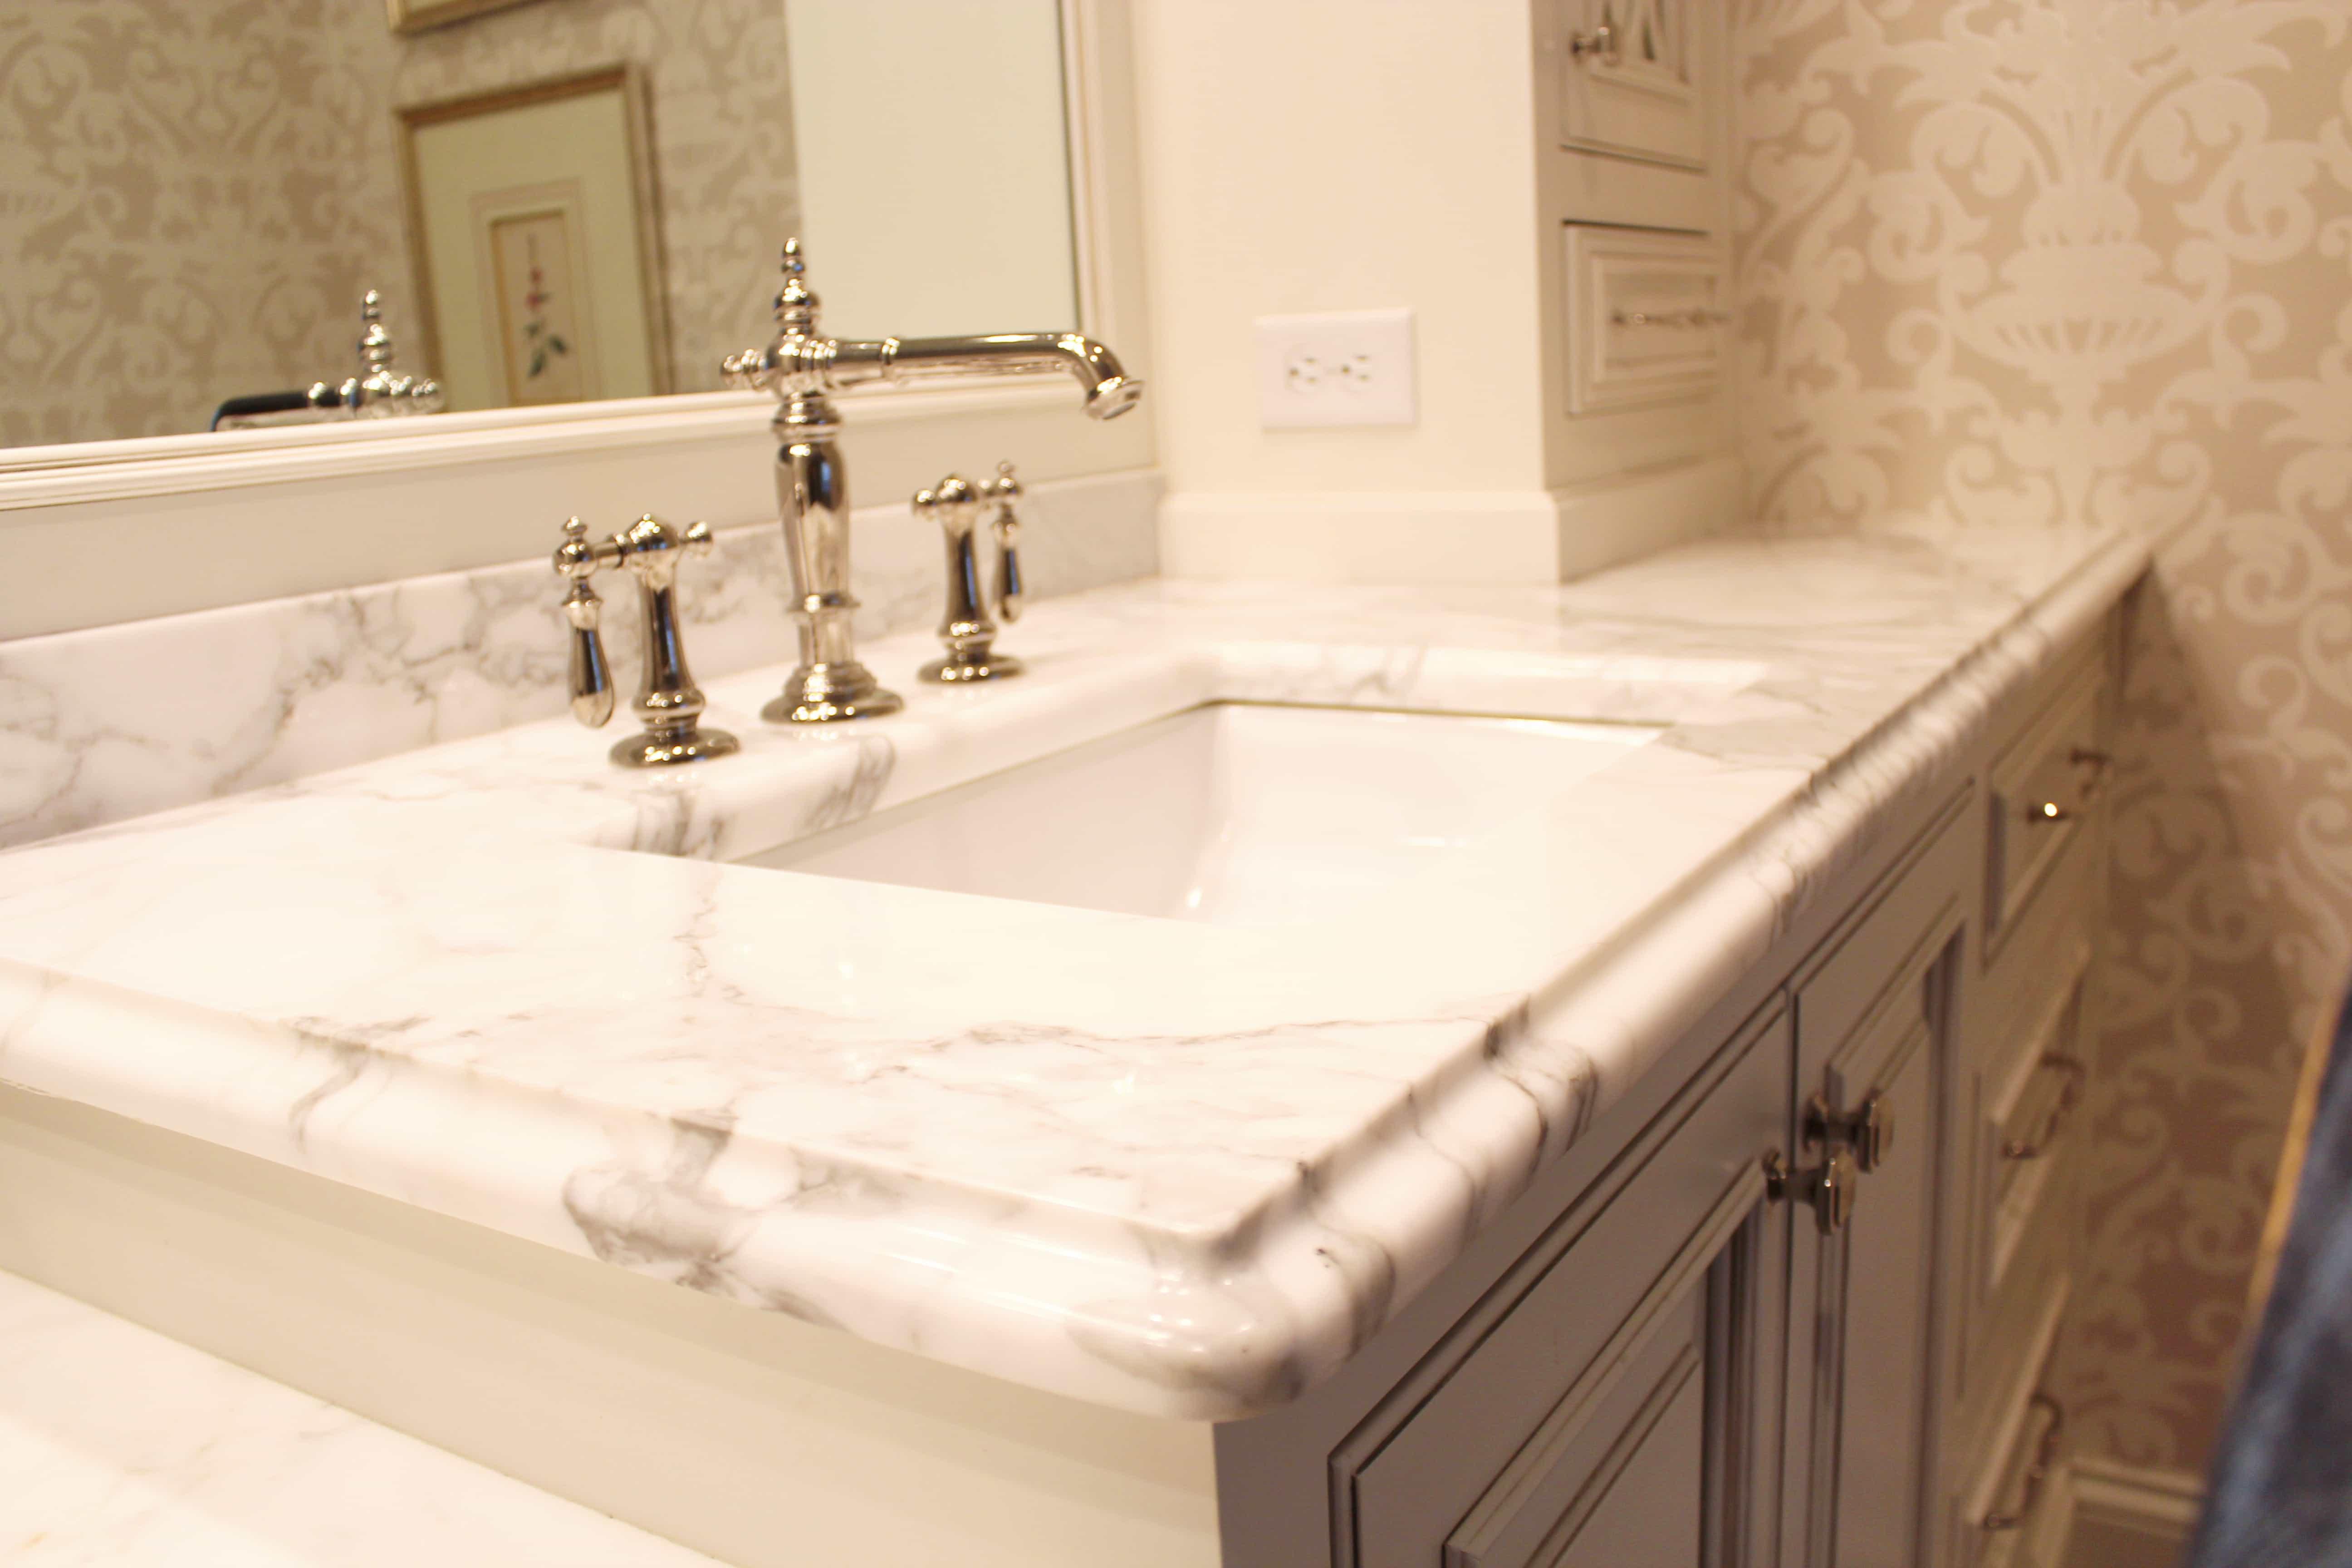 kitchen bathroom header sinks louis st sink bath countertop signature